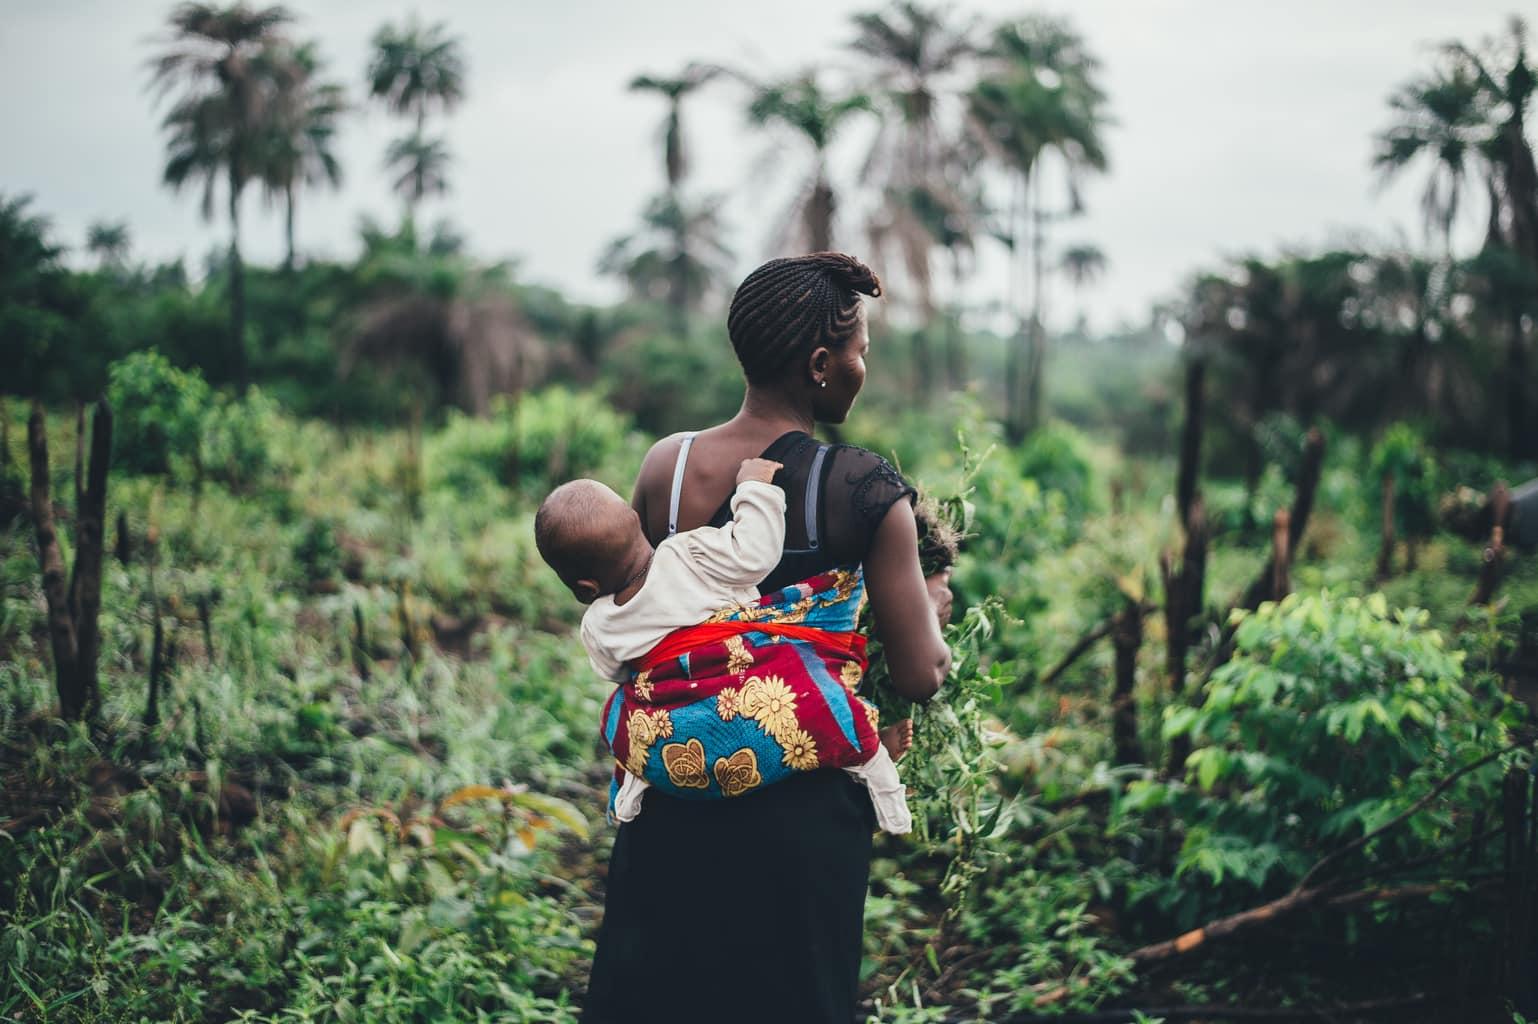 fotografía madre africana con su niño